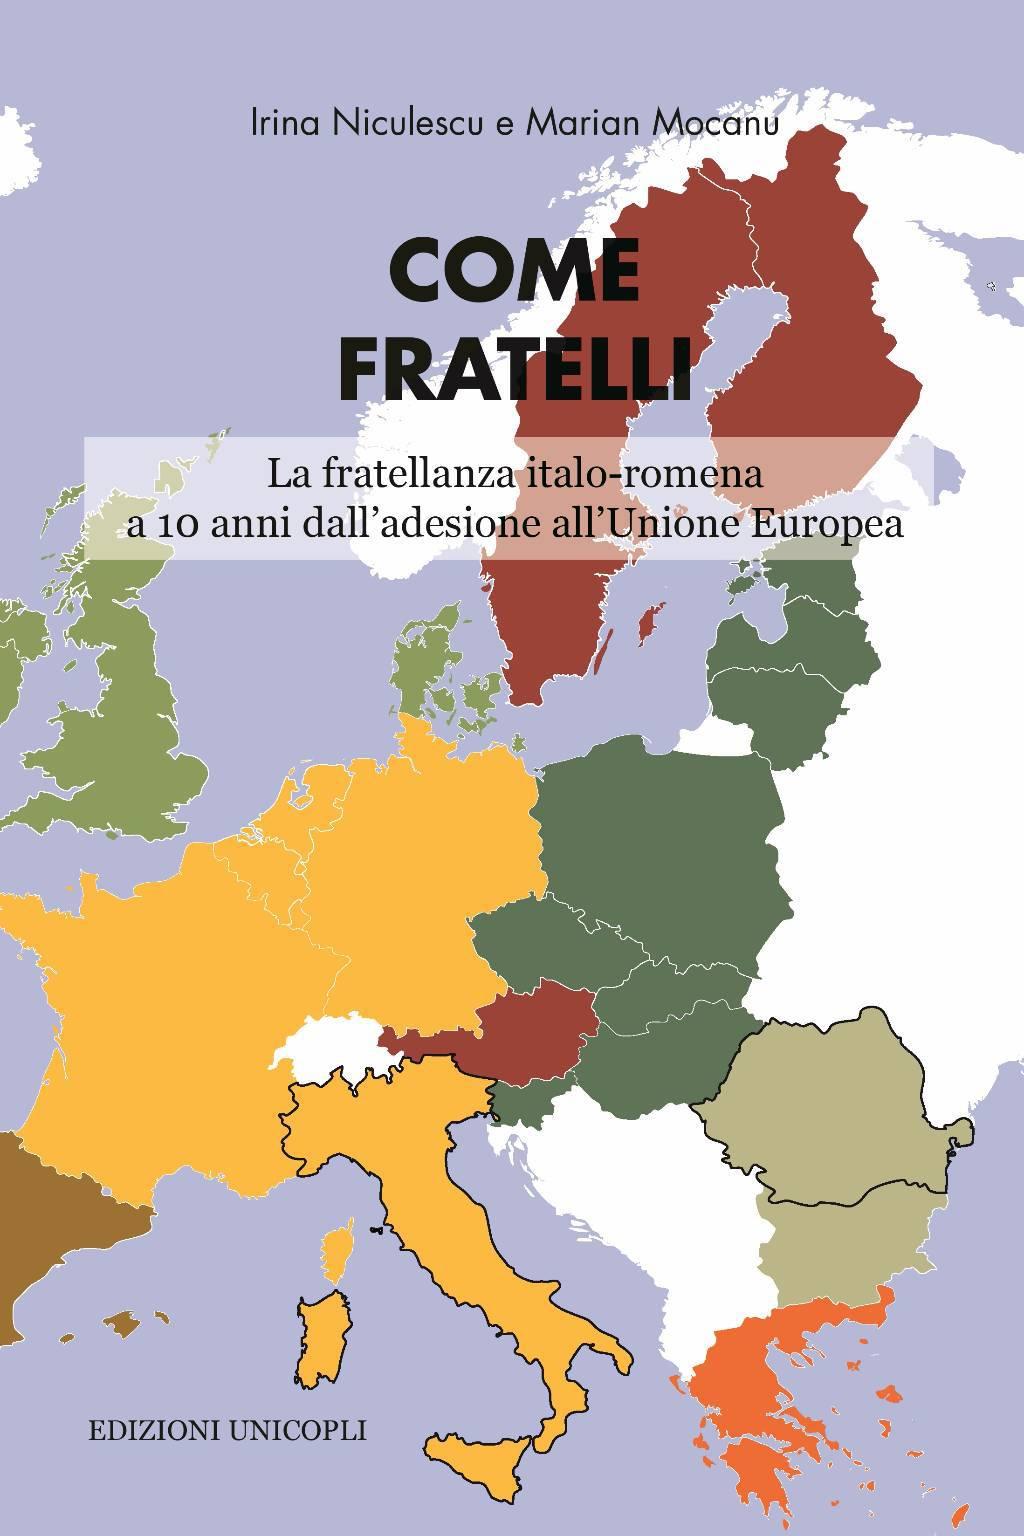 riviera24 - Come Fratelli